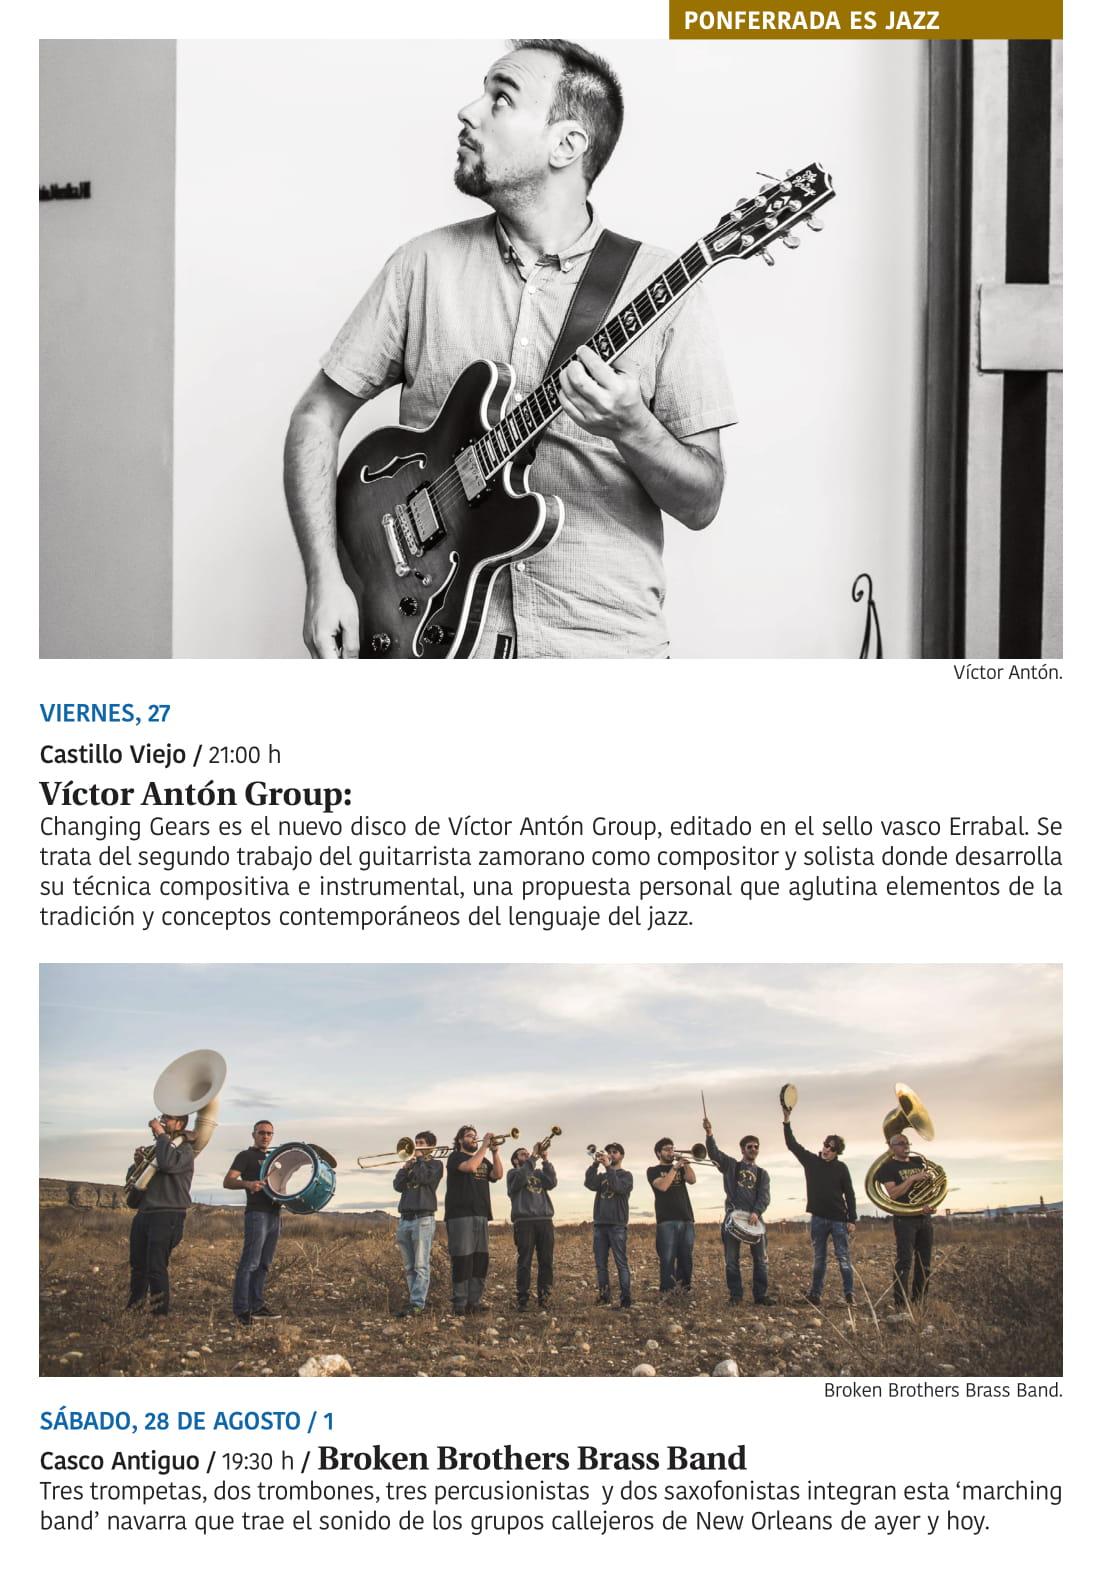 Ponferrada será... música, cultura, monumentos, turismo y más durante el verano de 2021 26